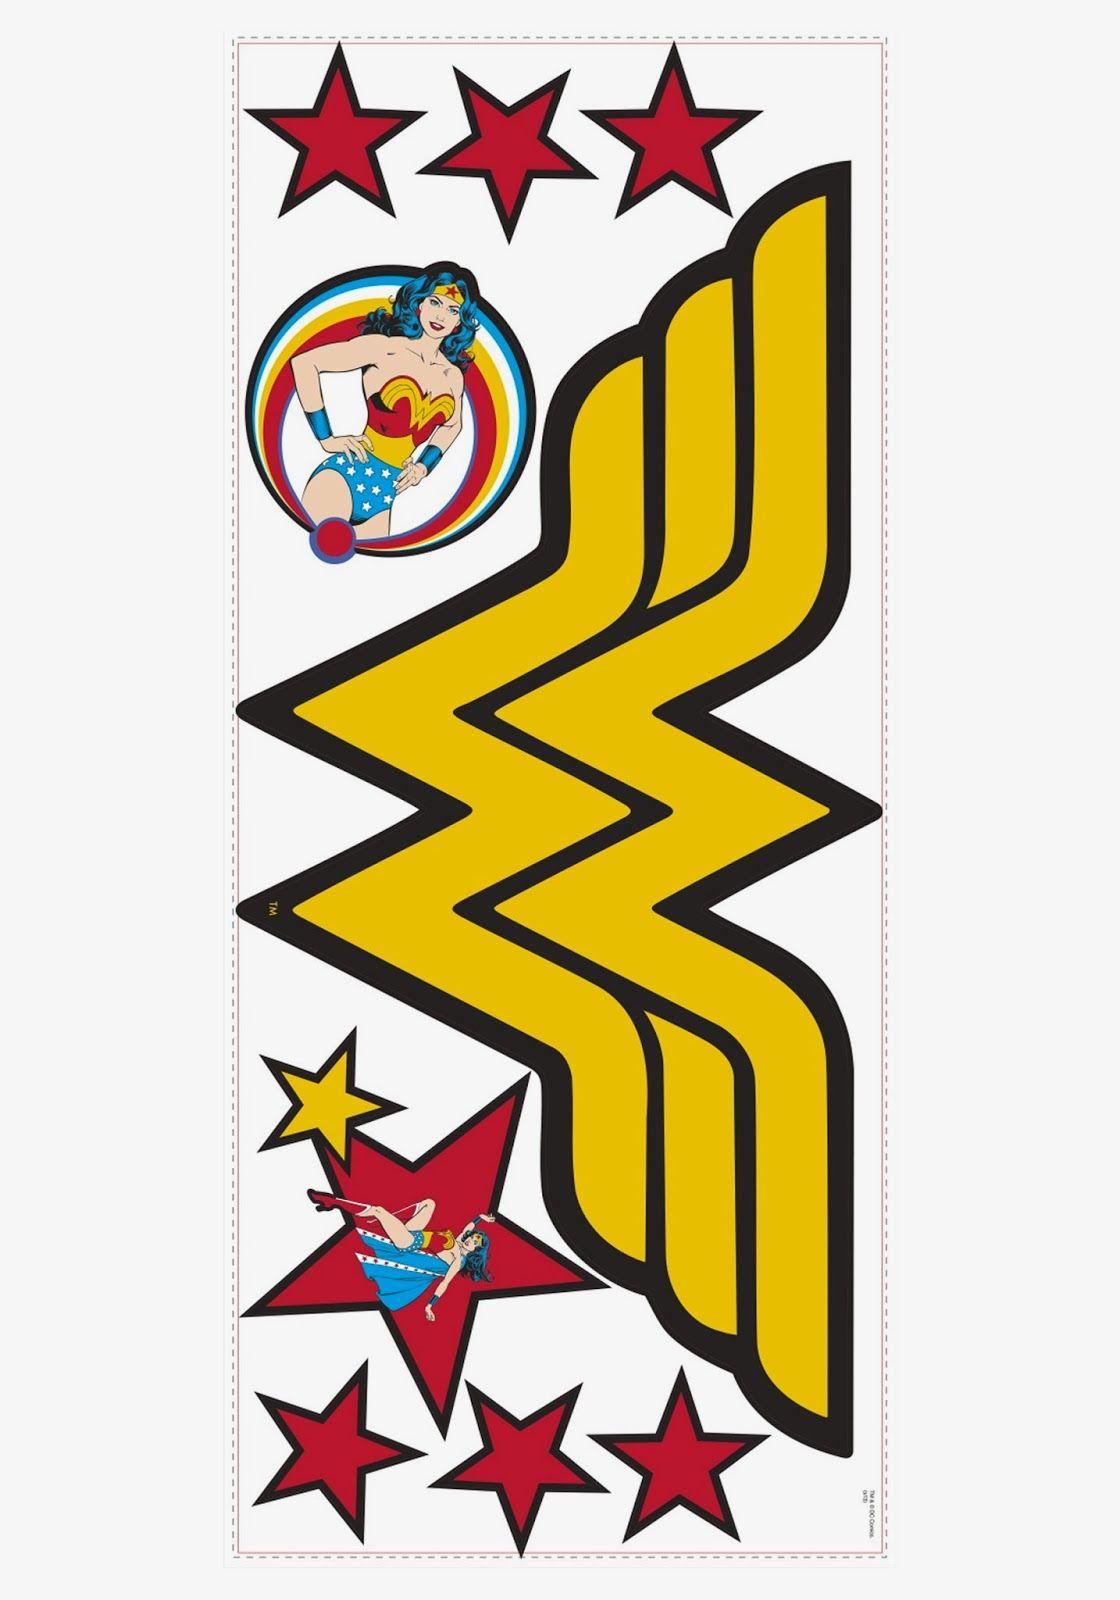 Simbolos De La Mujer Maravilla Cumpleanos De La Mujer Maravilla Imprimibles Mujer Maravilla Logo De La Mujer Maravilla